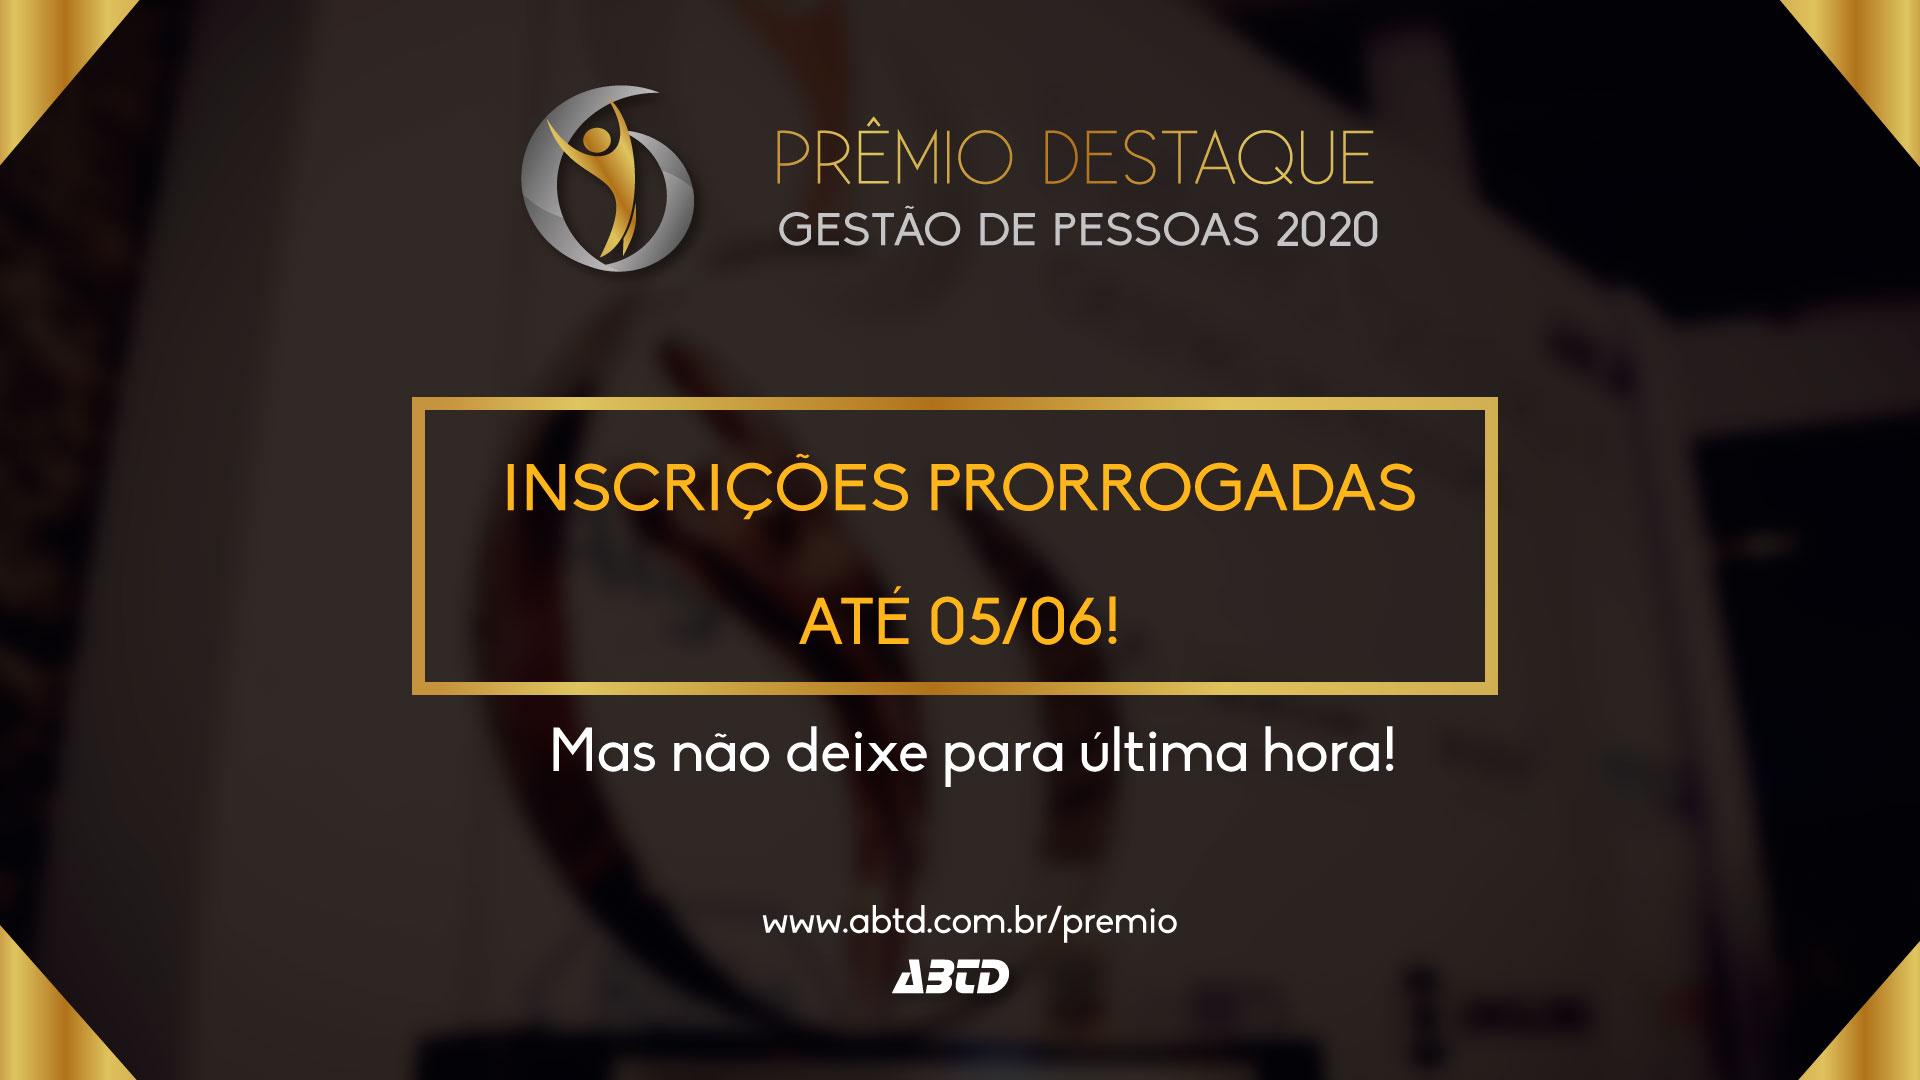 Prêmio Destaque 2020: Inscrições prorrogadas